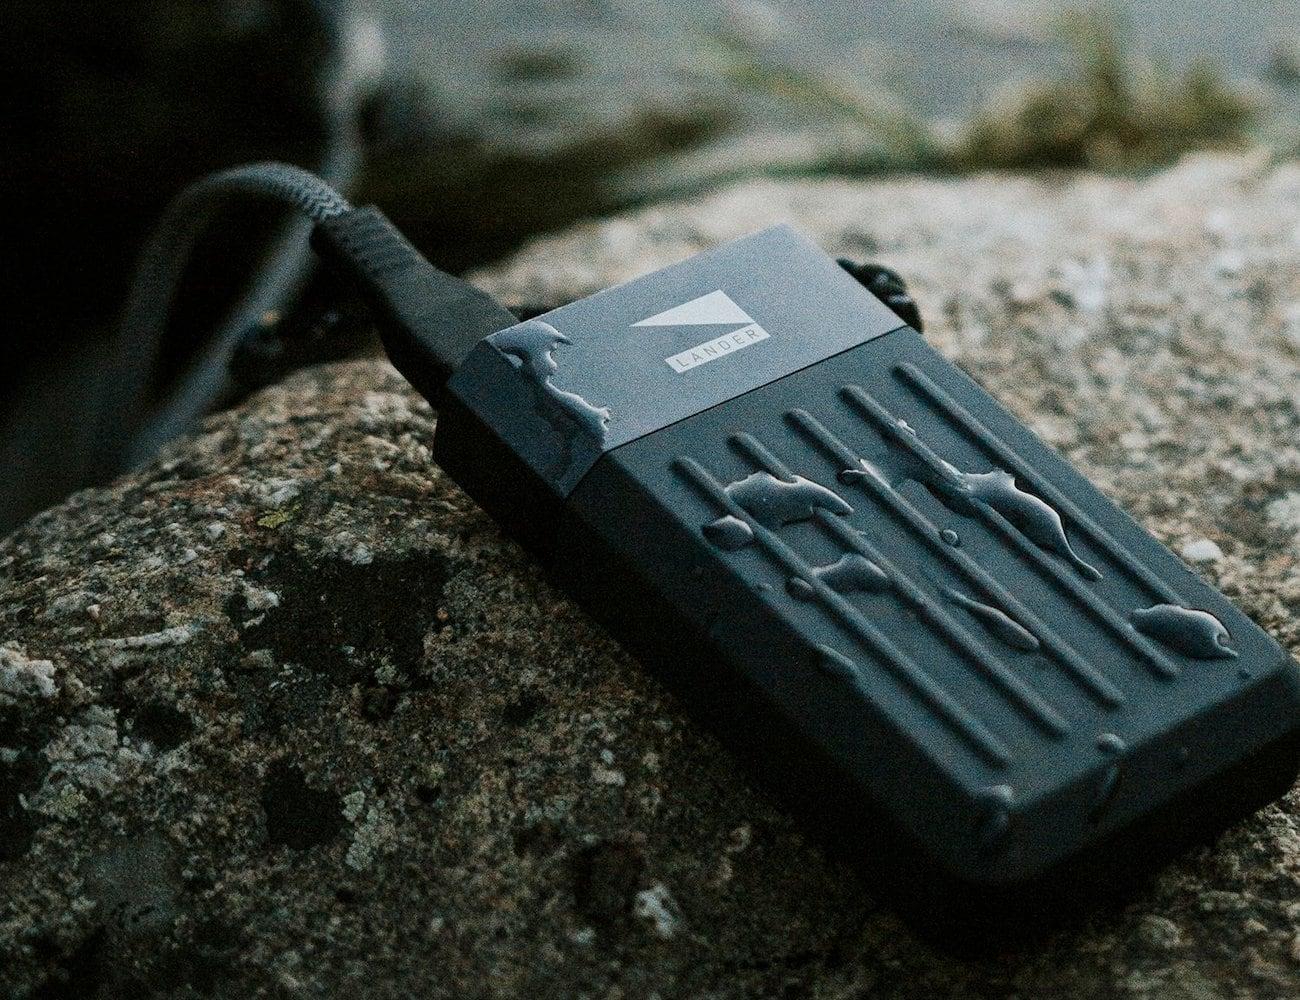 Lander Cascade Portable Power Bank